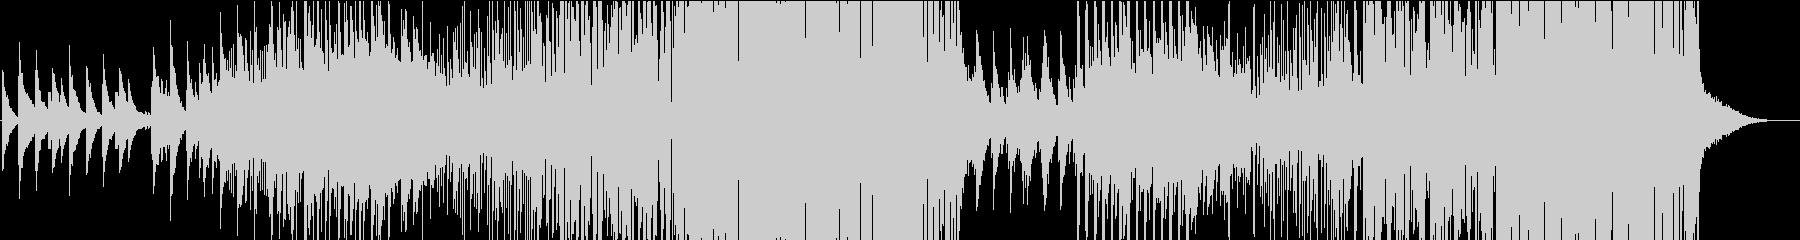 静と動が絡み合った切ないメロディのEDMの未再生の波形